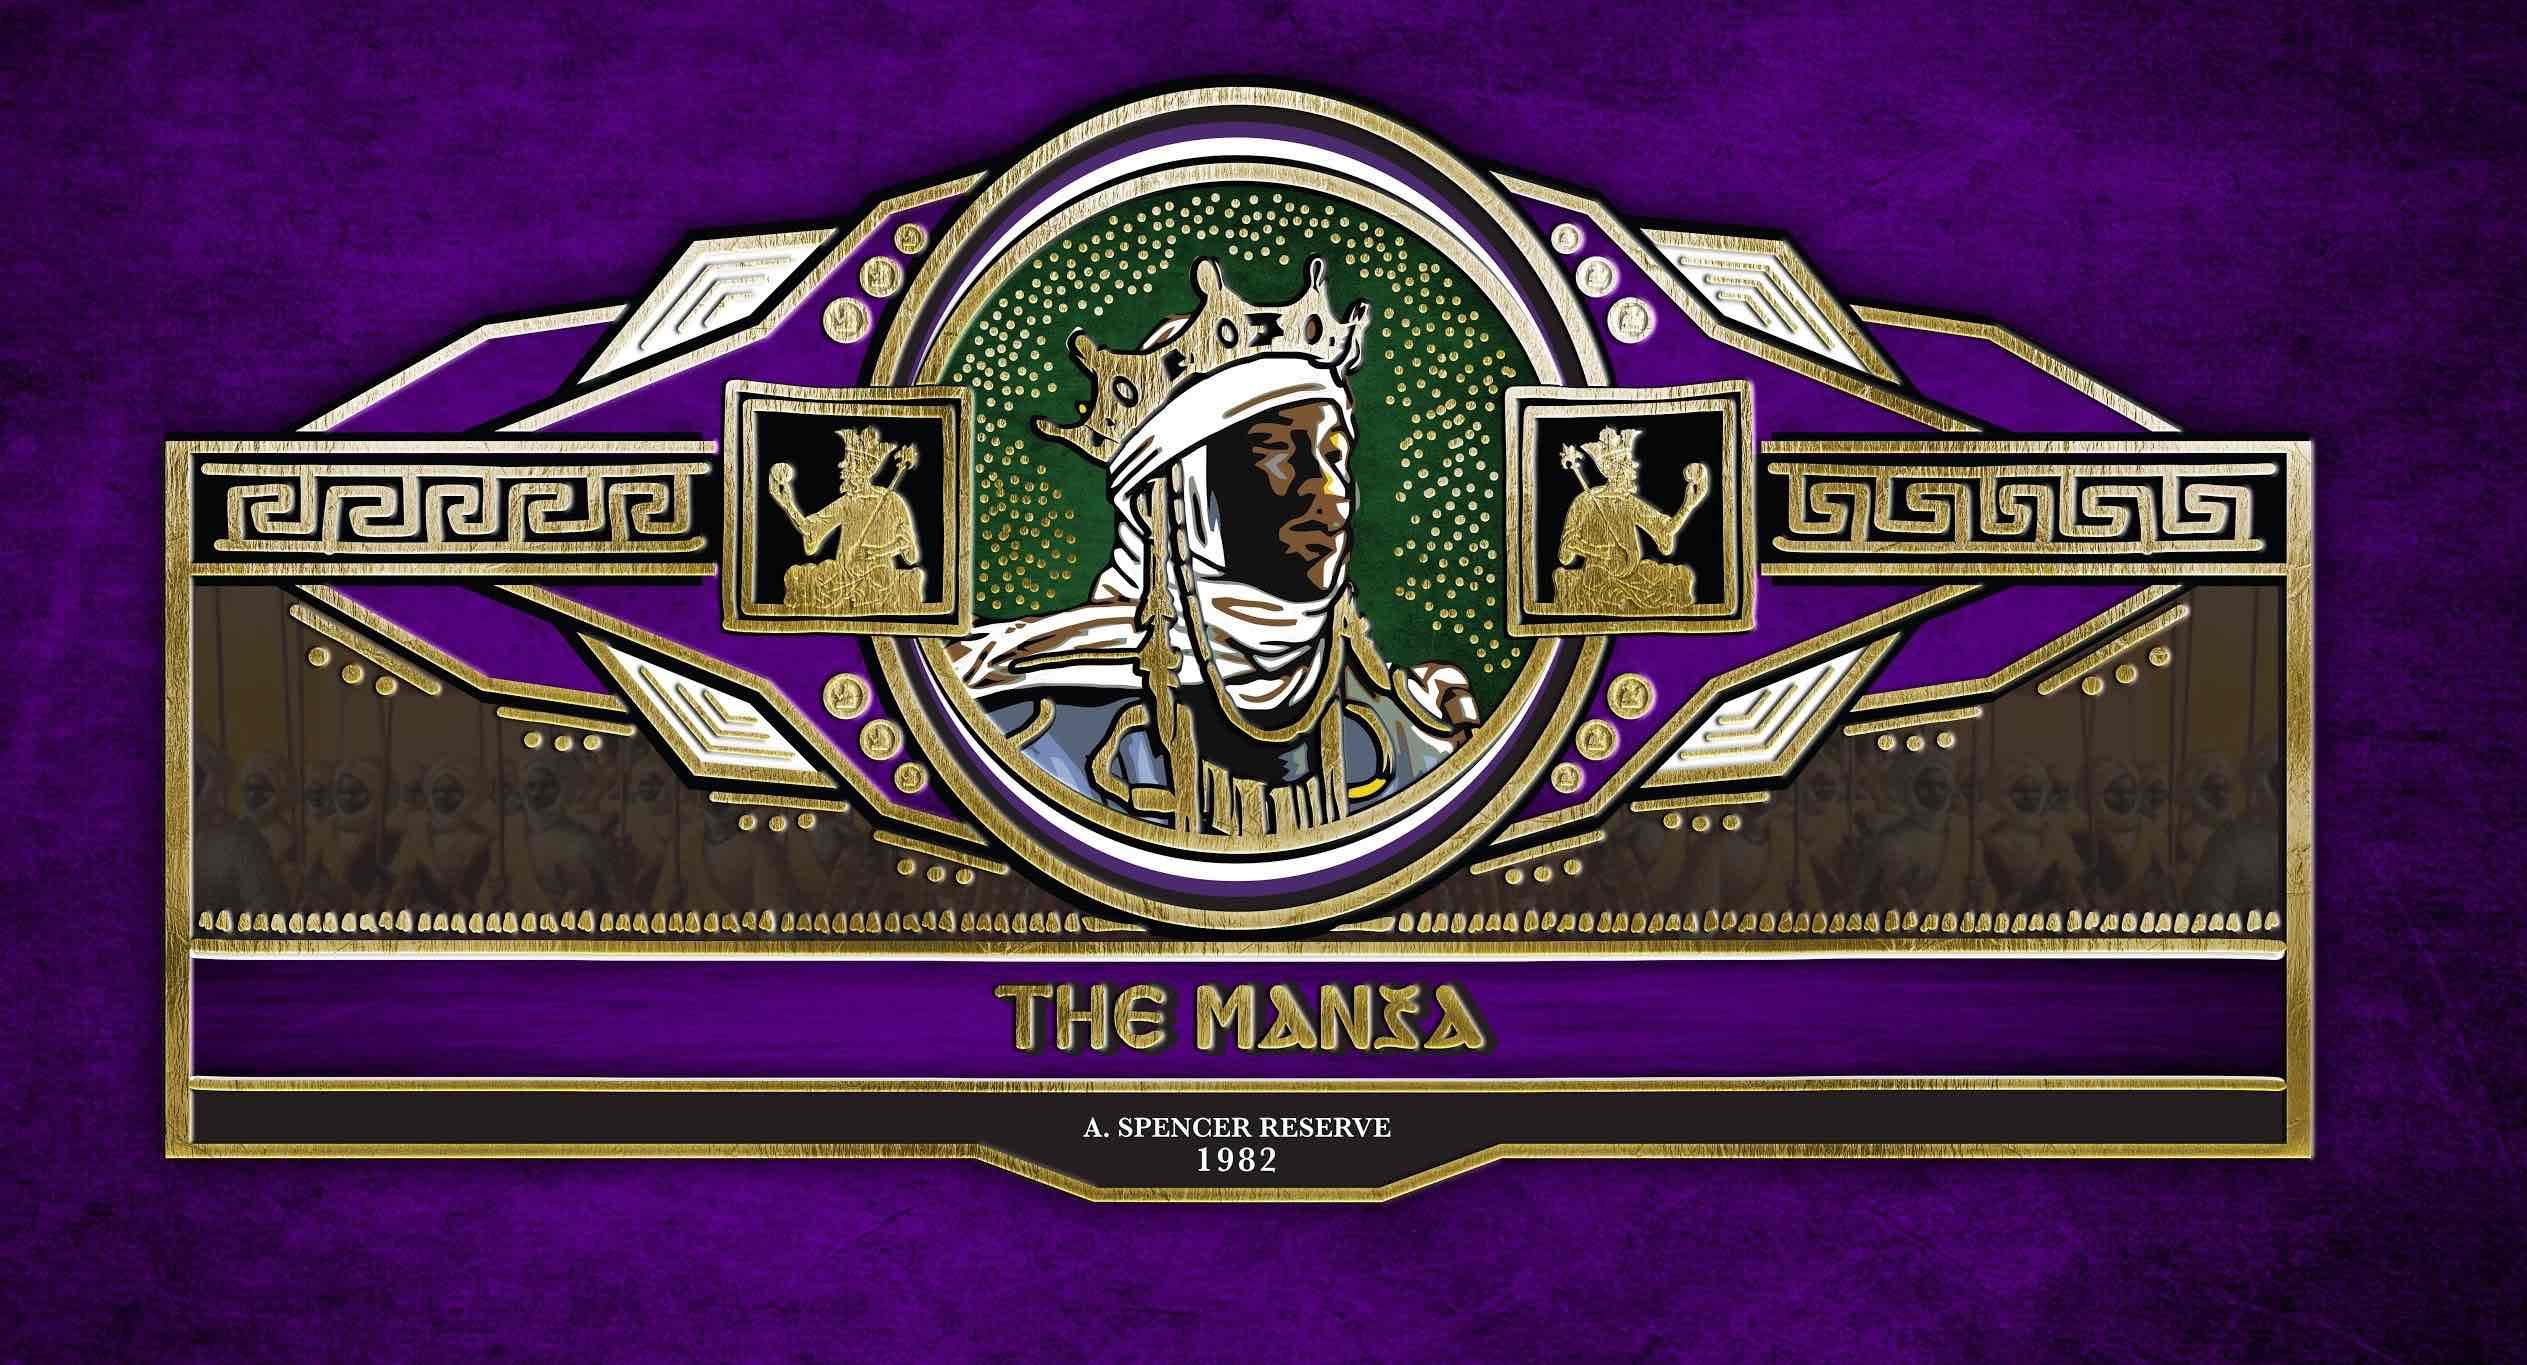 Cigar News: Alex Spencer Reserve to Release The Mansa